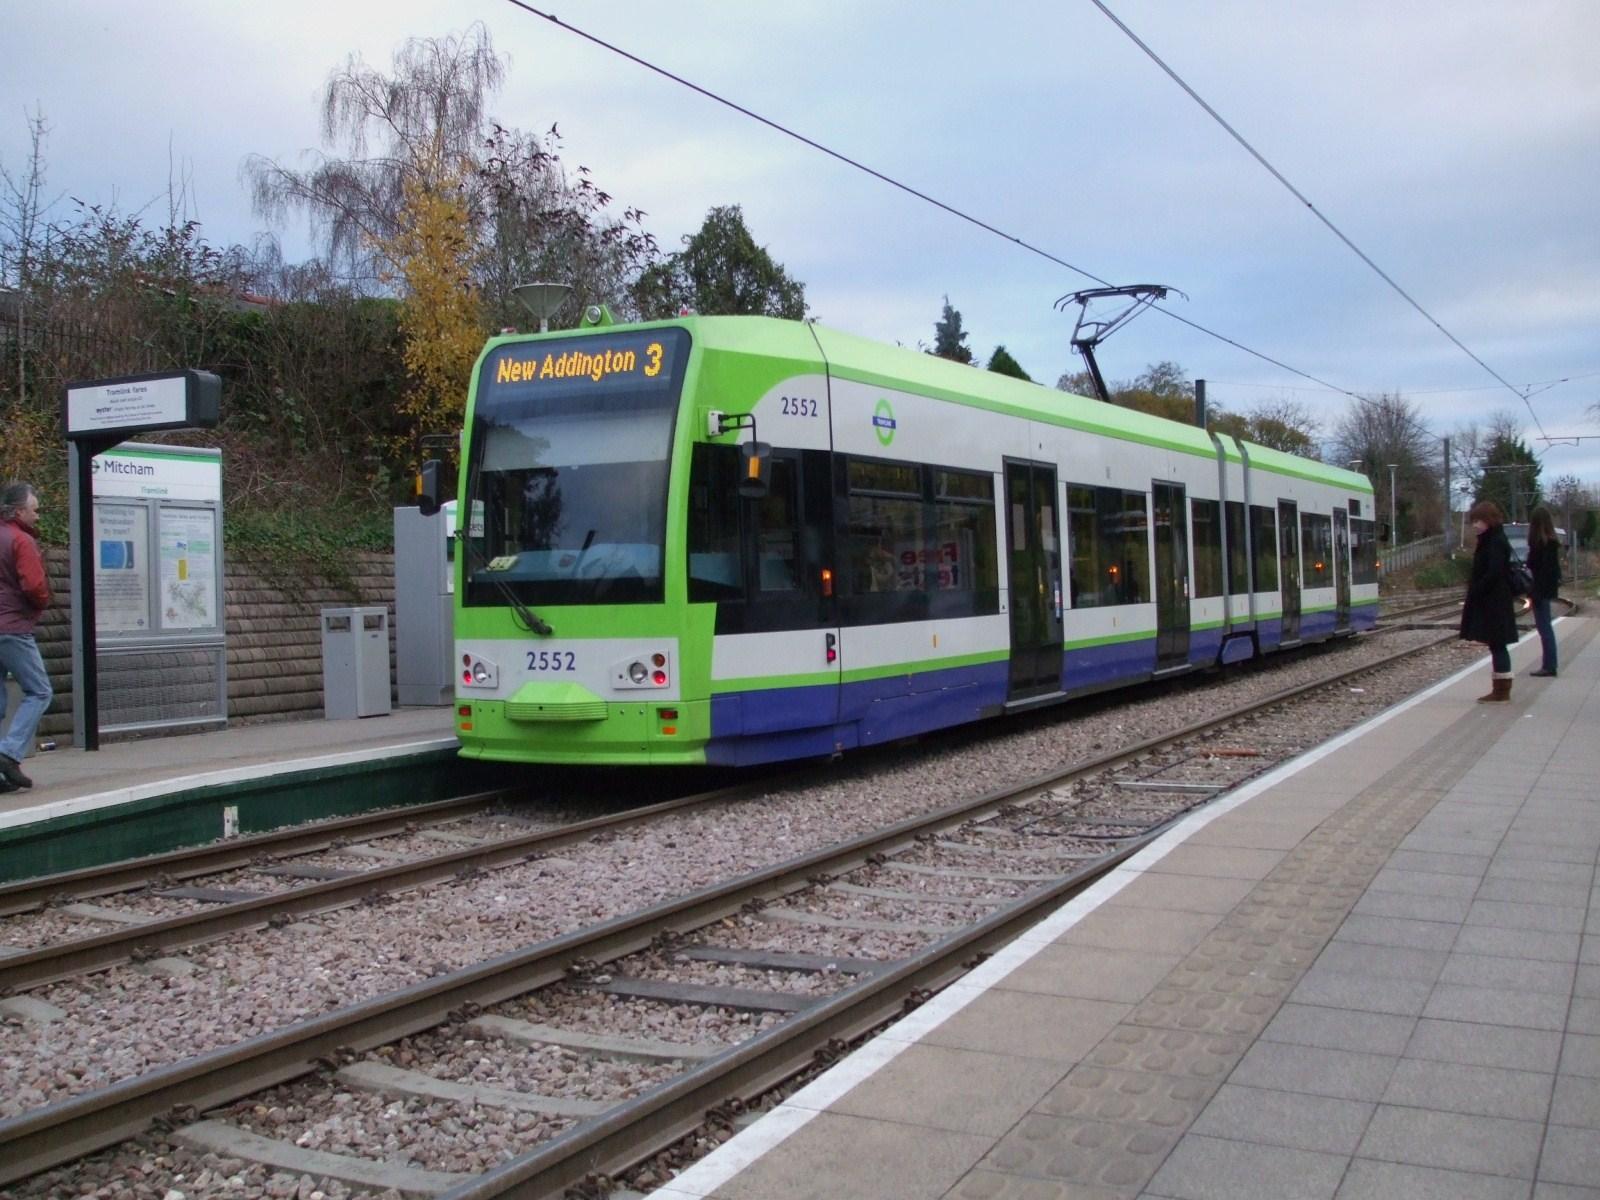 File:Tram 2552 at Mitcham.JPG